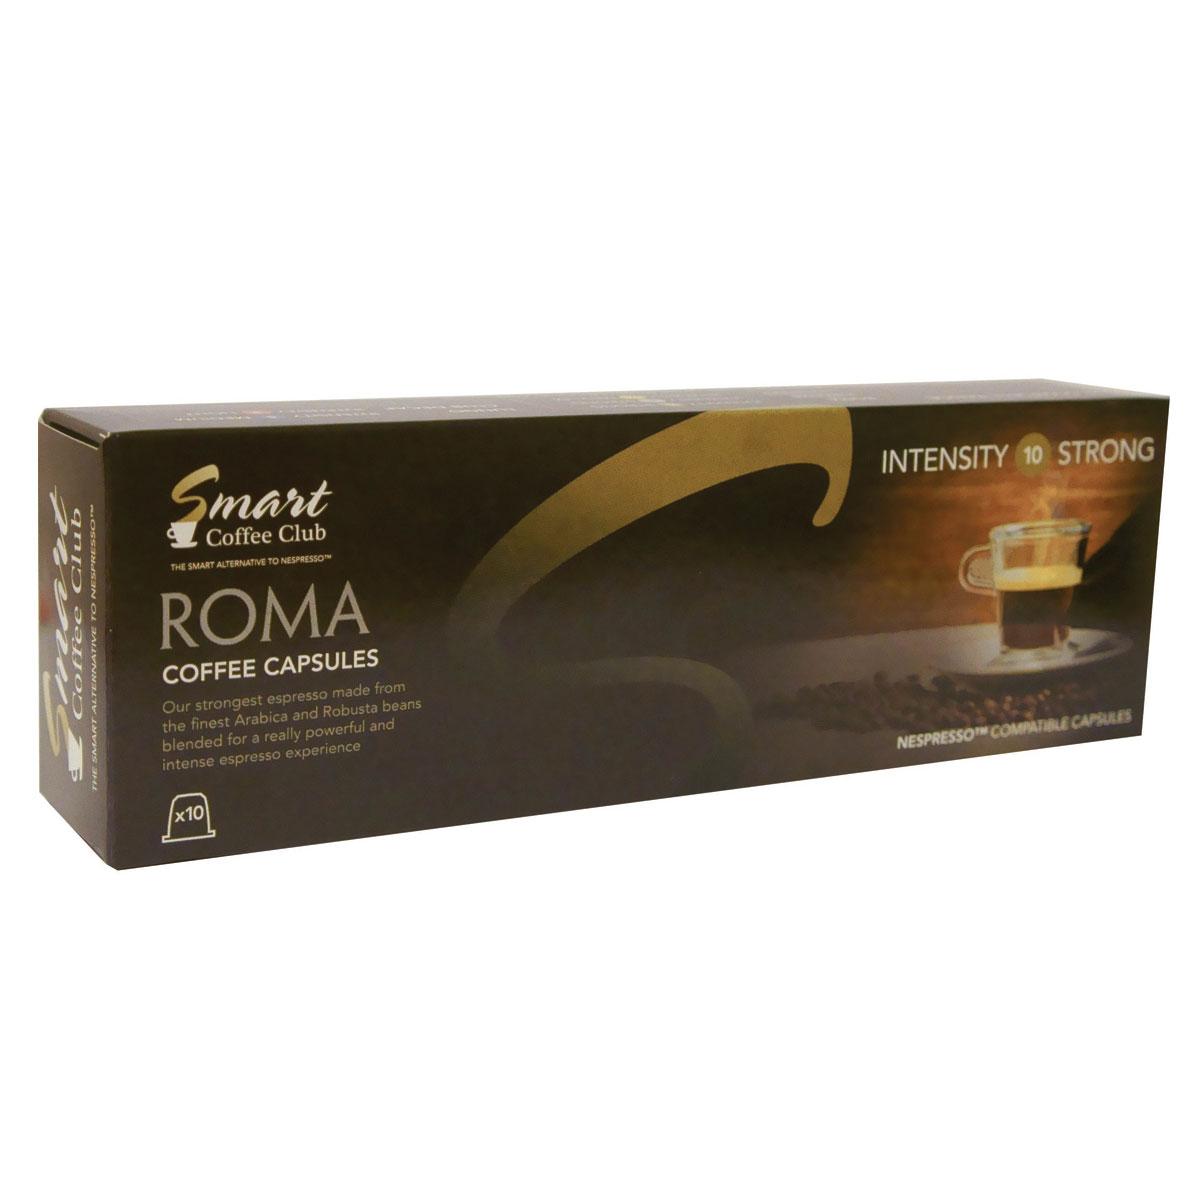 Smart Coffee Club Roma кофе в капсулах, 10 штук16608Натуральный жареный молотый кофе в капсулах Smart Coffee Club Roma. Самая крепкая смесь, с использованием Арабики и Робусты из Центральной и Южной Америки. Идеальное начало дня для тех, кто любит крепкий, насыщенный, ароматный кофе.